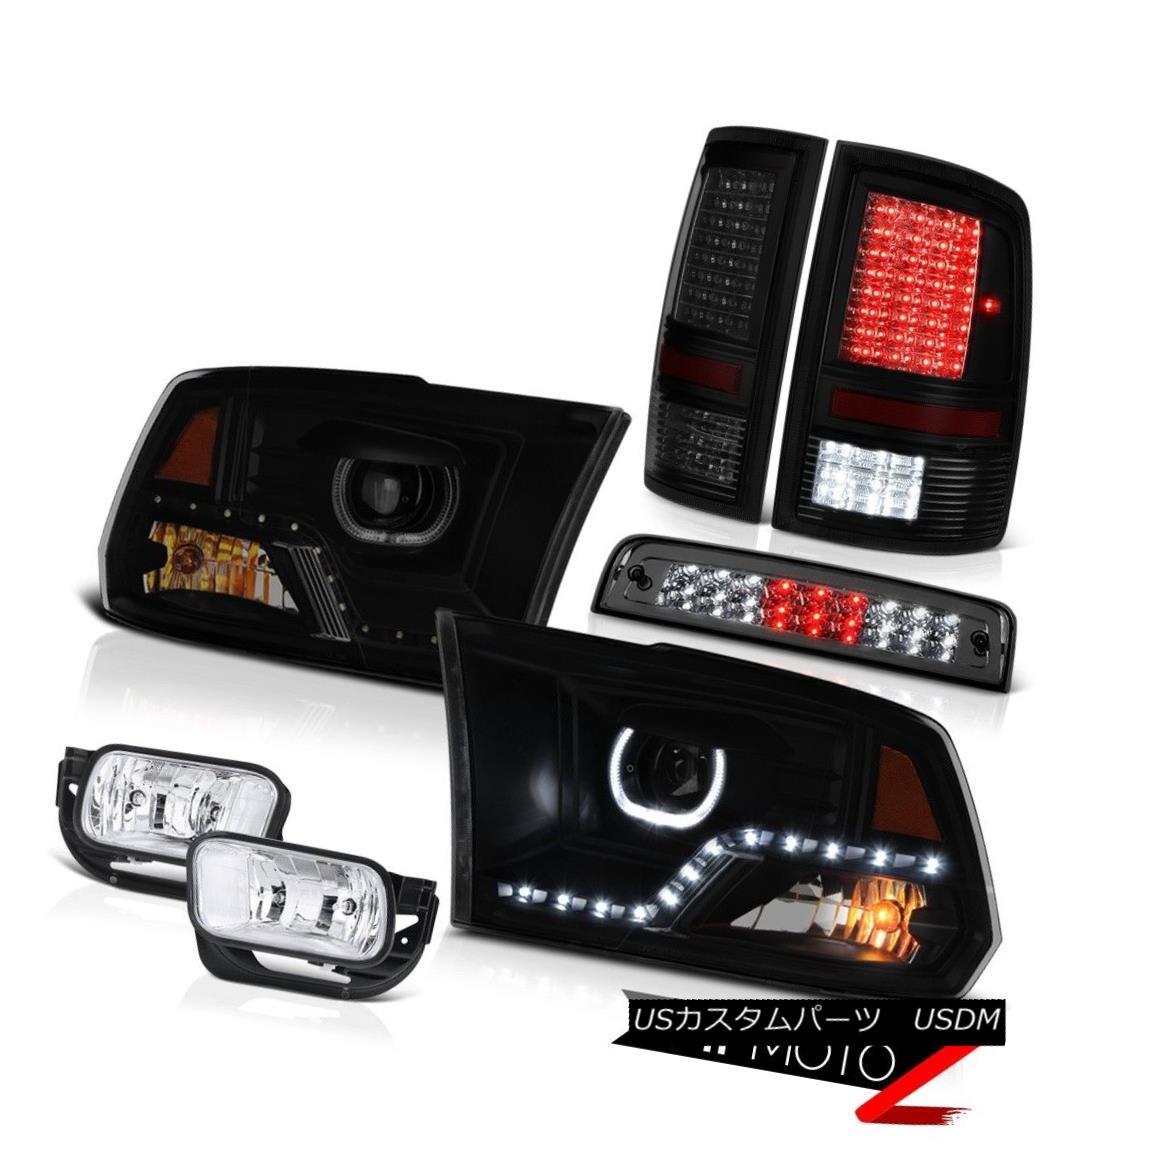 【一部予約販売】 テールライト 09-18 Headlights Dodge PAIR RAM 2500 Dodge Headlights Tail Lamp Euro Clear Fog Light Brake SET PAIR 09-18ダッジRAM 2500ヘッドライトテールランプユーロクリアフォグライトブレーキSET PAIR, オオツキシ:569631bf --- ip104.ip-51-83-27.eu